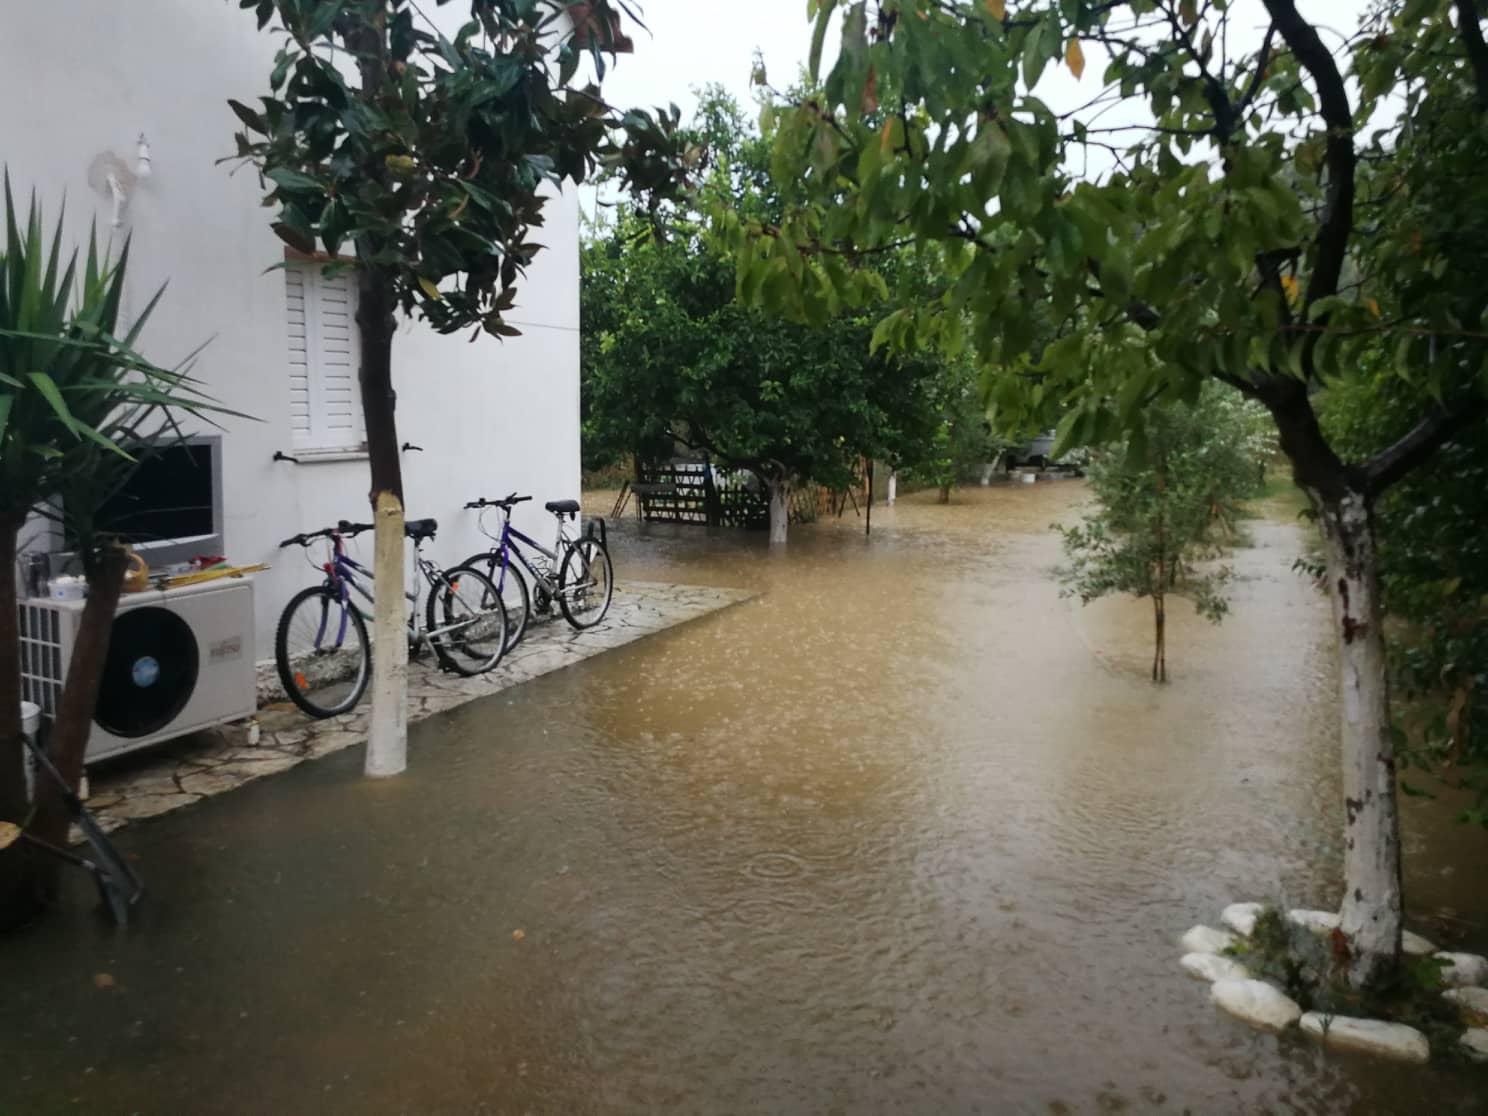 Δήμος Ζαχάρως: Αίτημα για οικονομική ενίσχυση ύψους 350.000 ευρώ για αντιμετώπιση πλημμυρικών και κατολισθητικών φαινομένων που δημιούργησε η κακοκαιρία